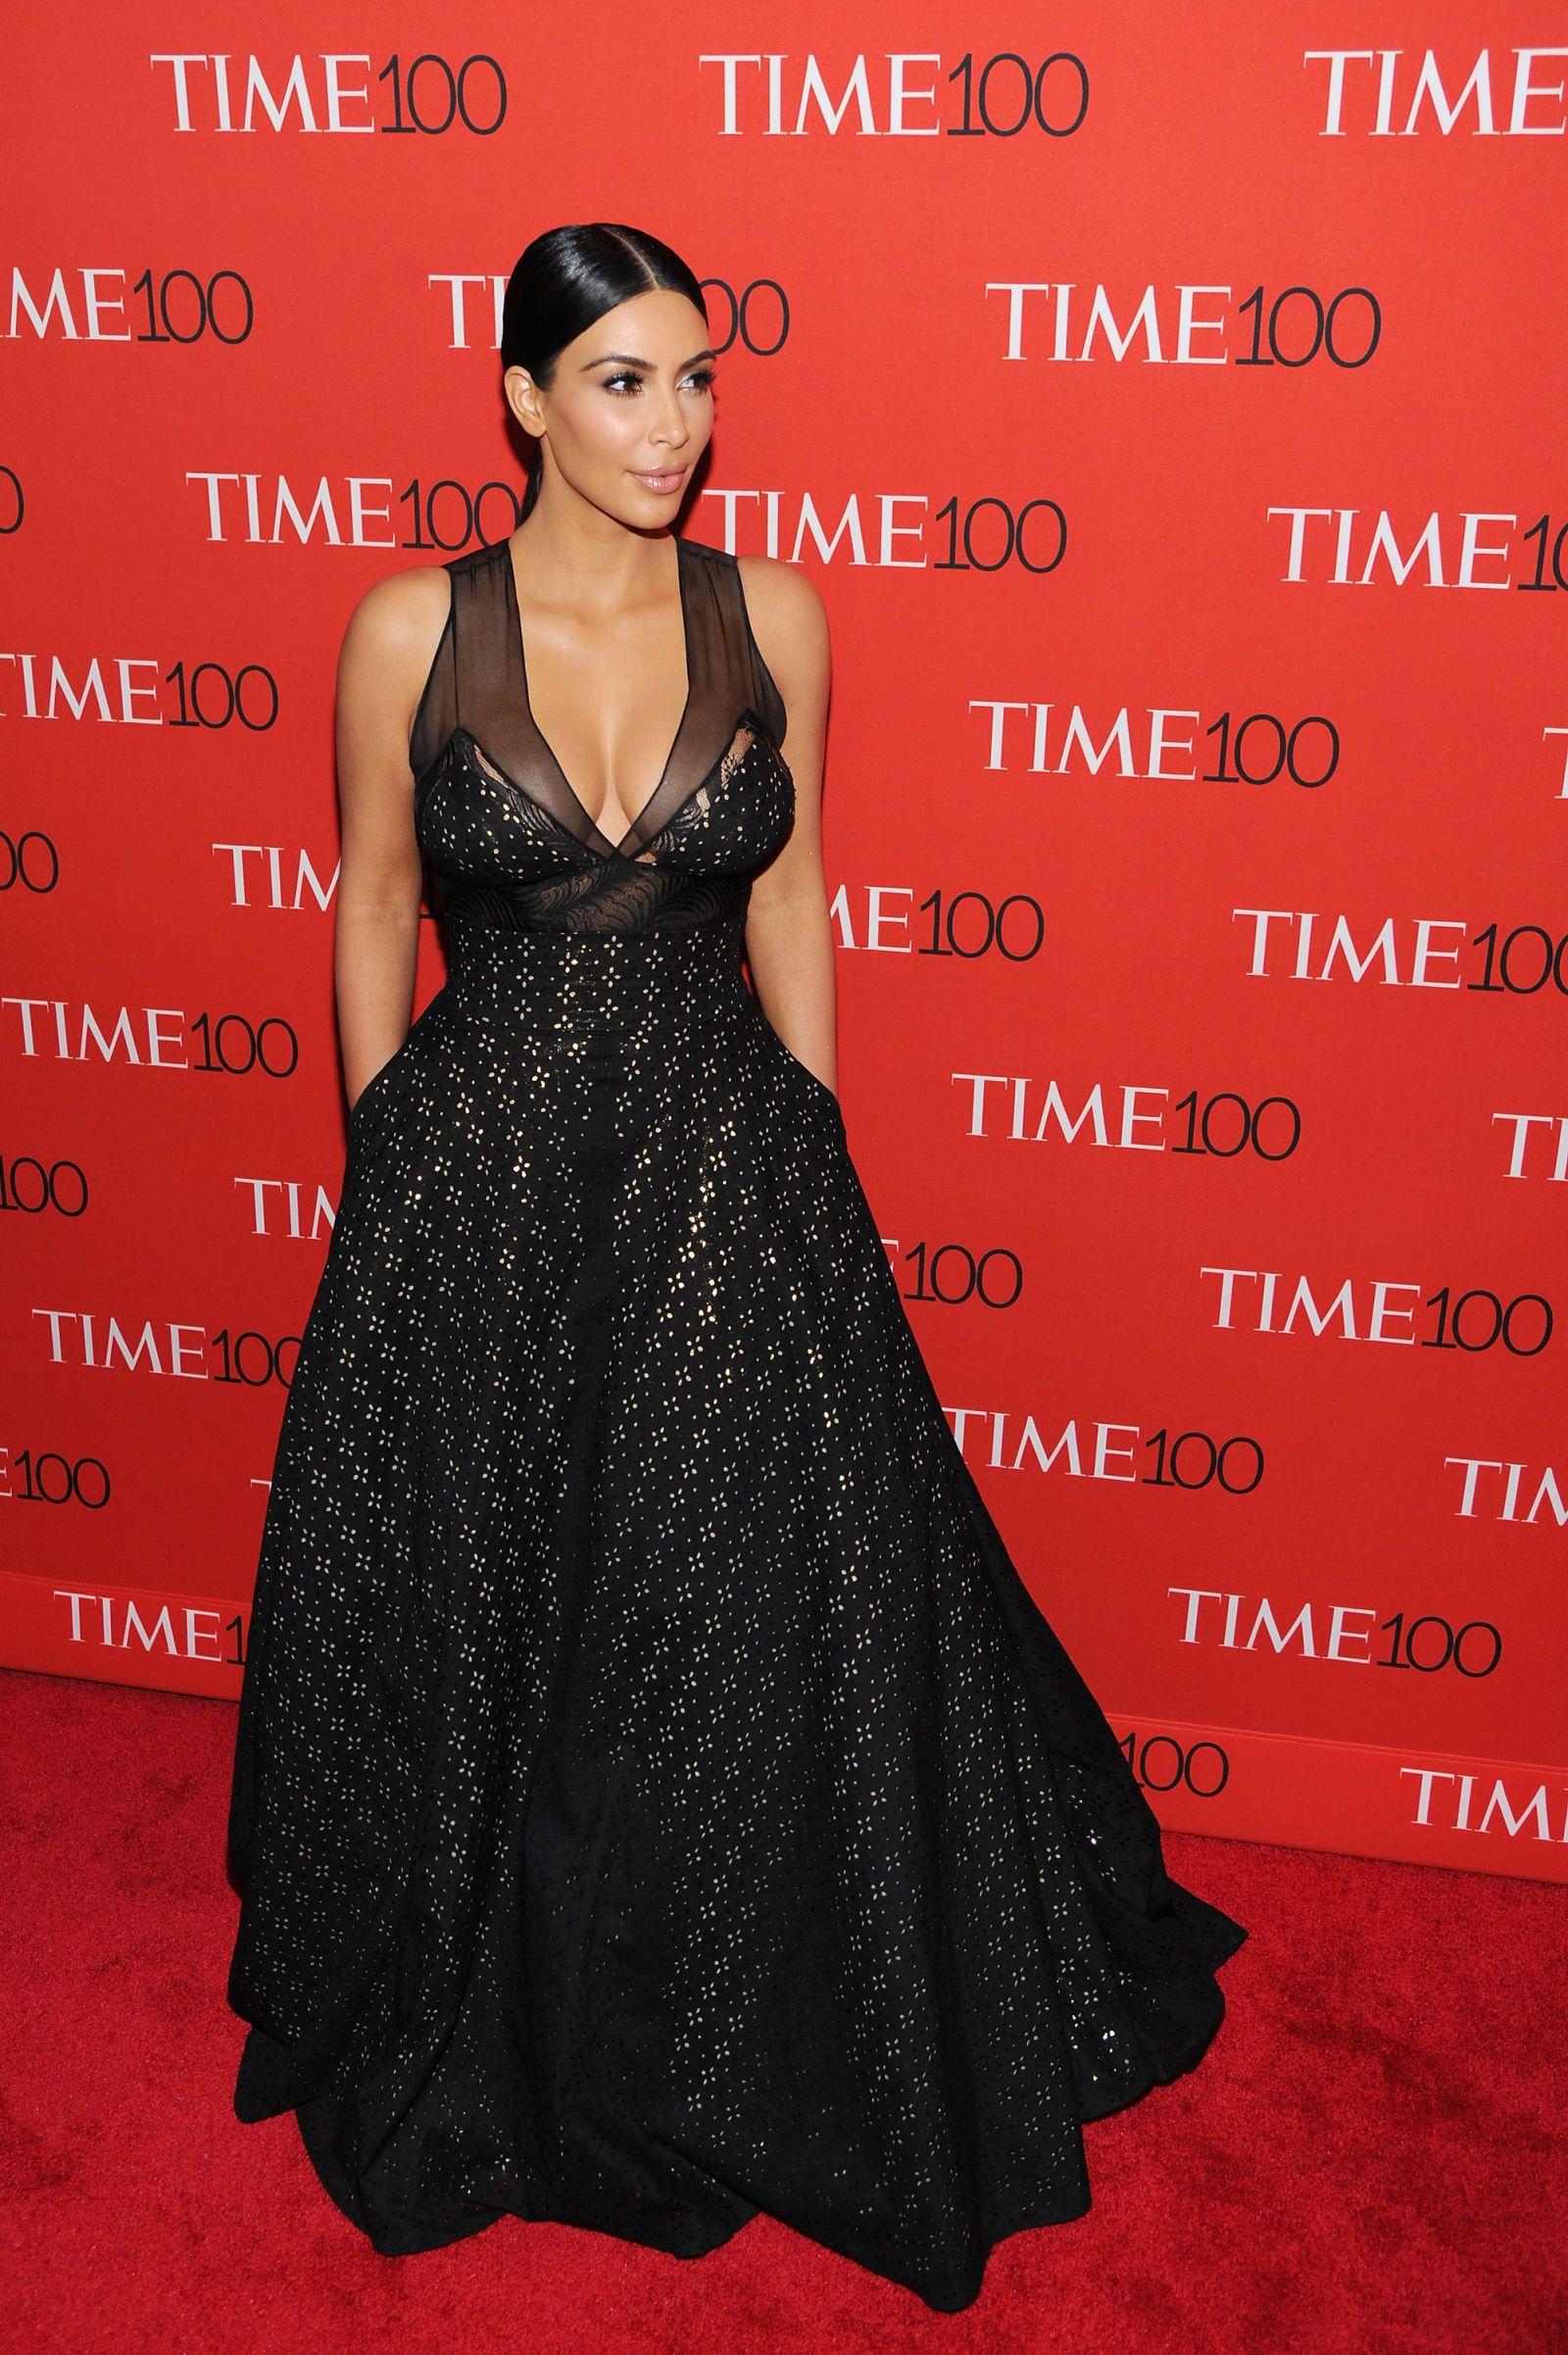 Kim Kardashian Picks Her 6 Best Red Carpet Moments of 2015  - ELLE.com